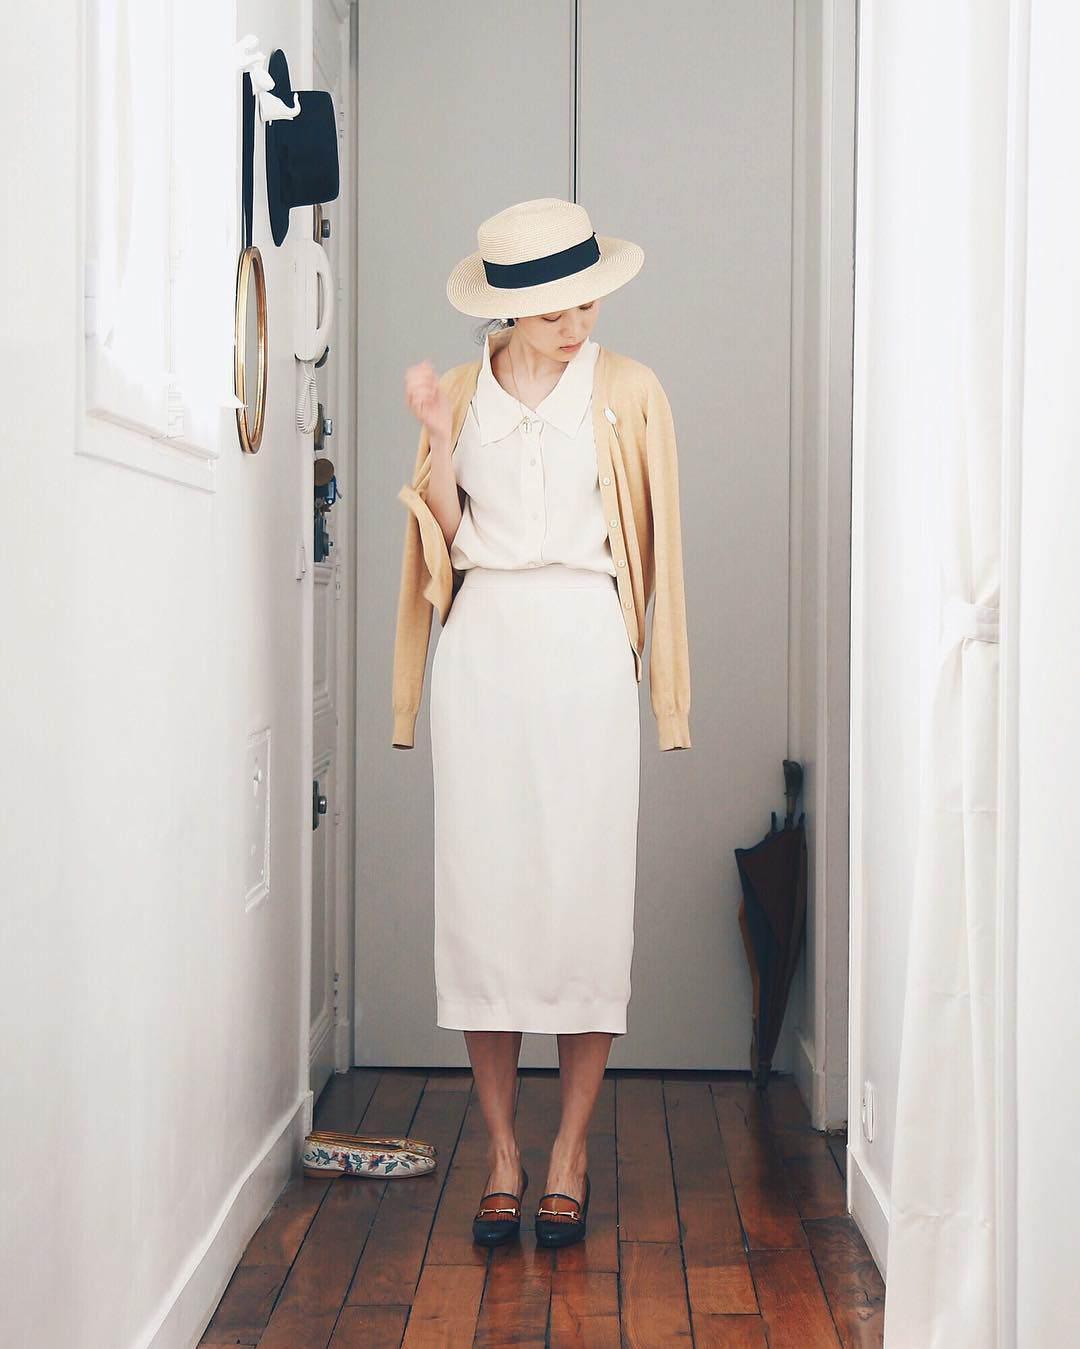 Mặc đi mặc lại vài kiểu đồ, cô gái Đài bé nhỏ vẫn đẹp nơi ai cũng cao, trắng nõn